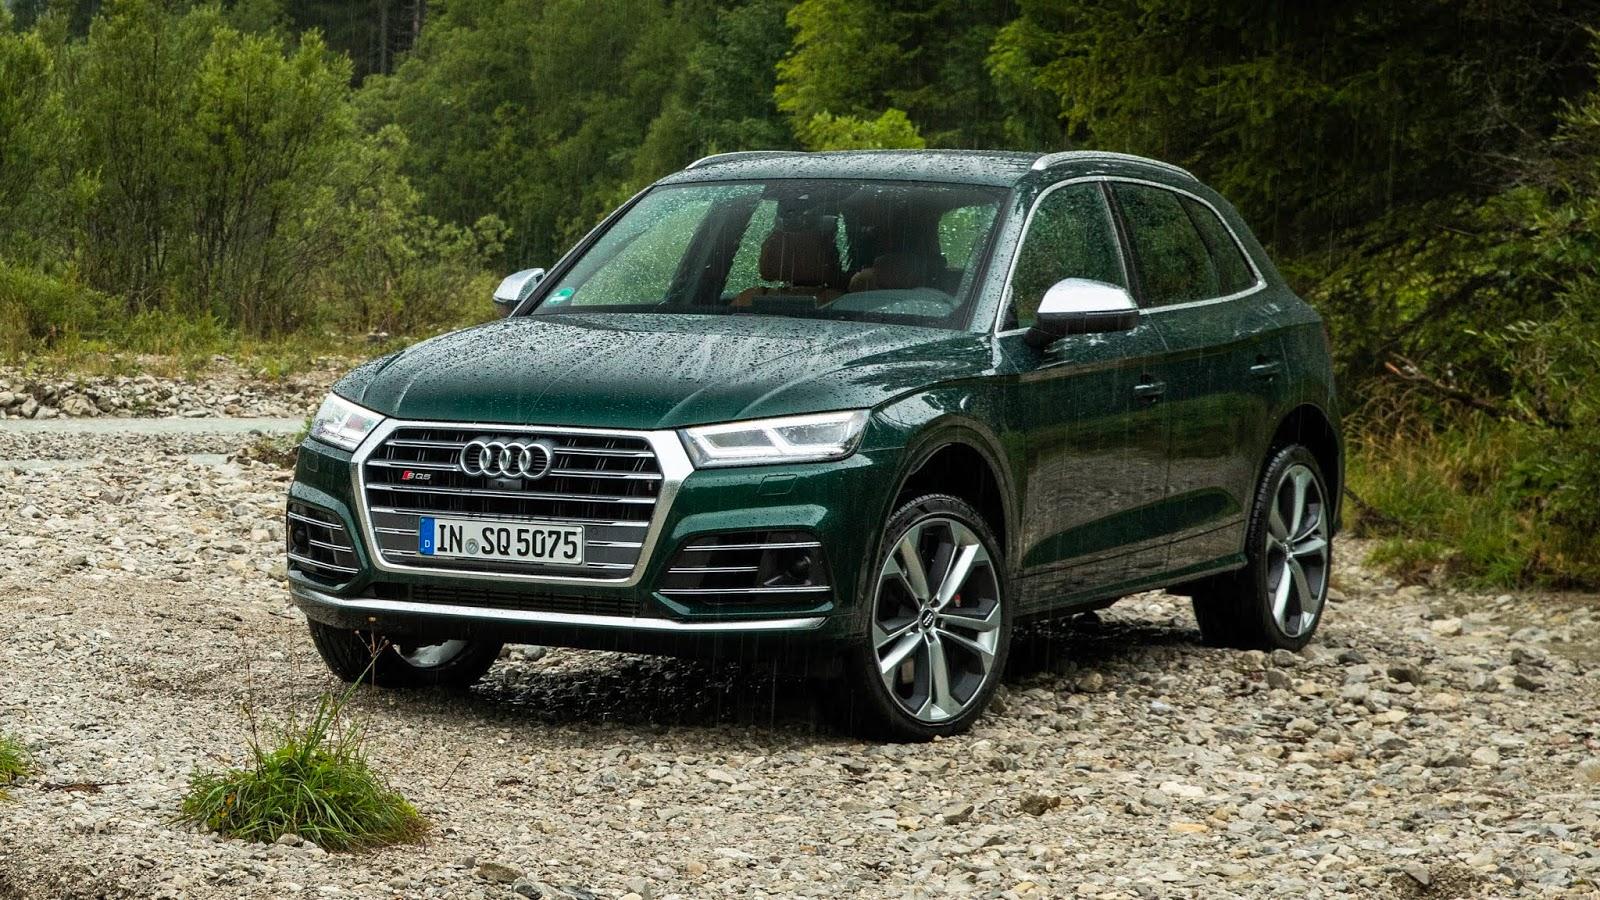 2020 Audi Sq5 First Drive